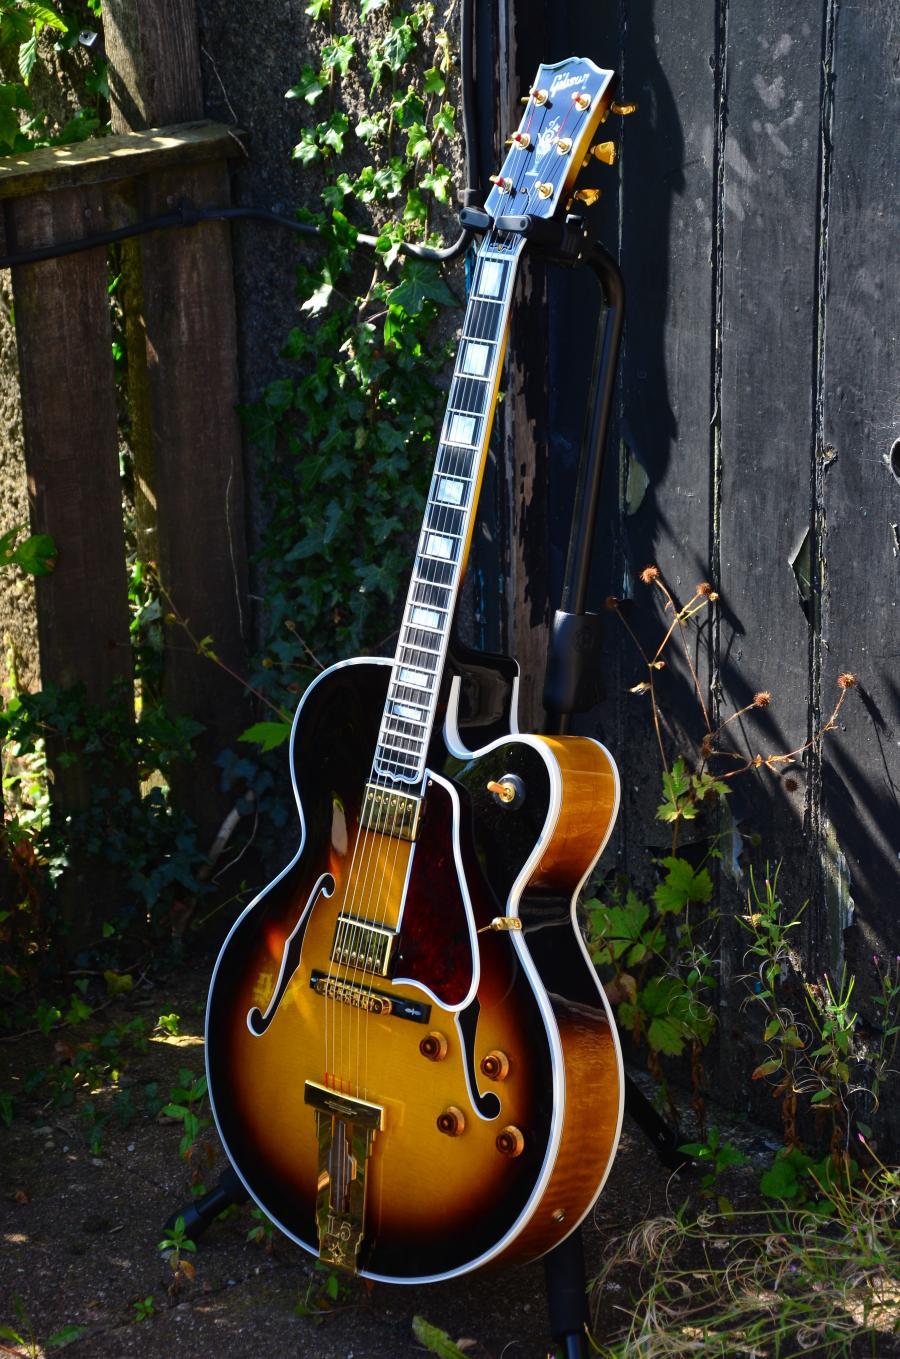 The Venerable Gibson L-5-dsc_7816-jpg